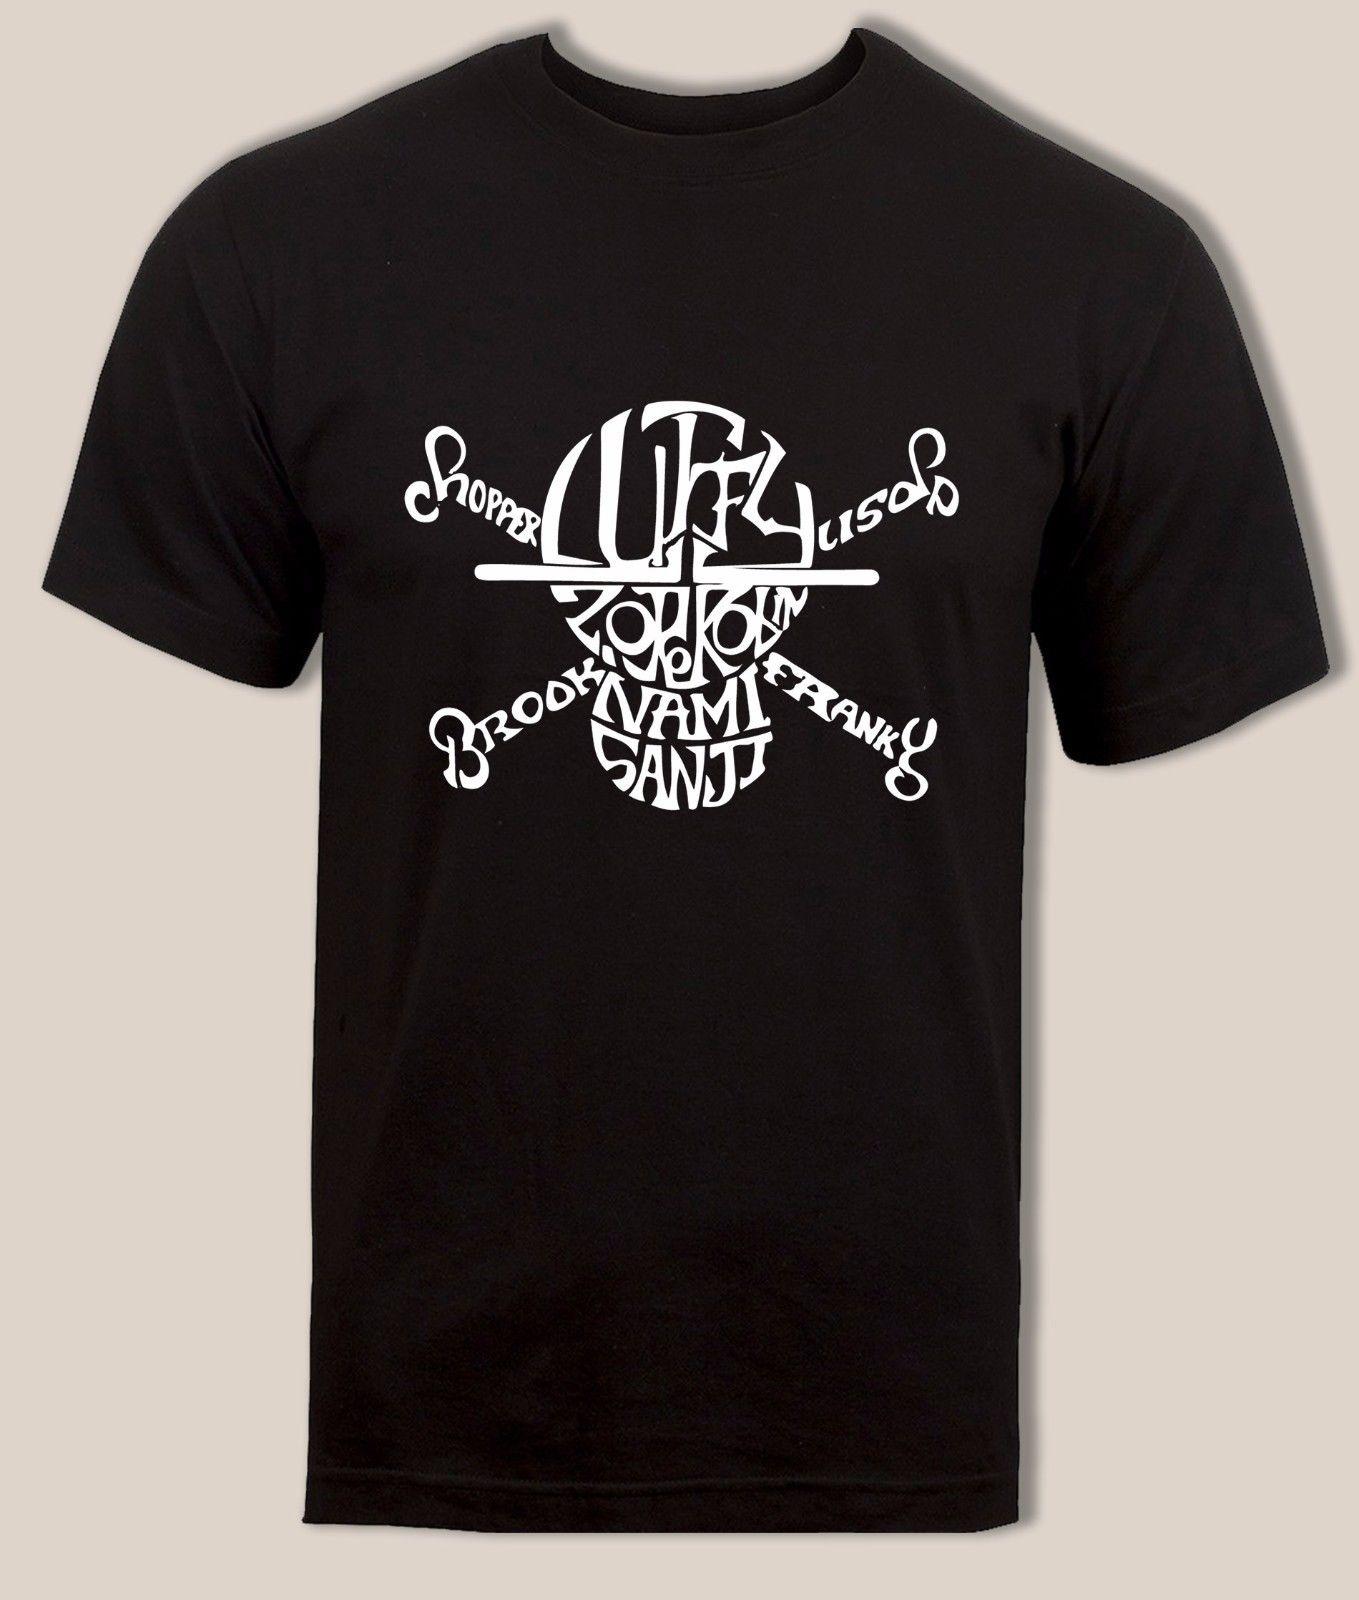 06af45c408 Galeria de t shirt sanji por Atacado - Compre Lotes de t shirt sanji a  Preços Baixos em Aliexpress.com